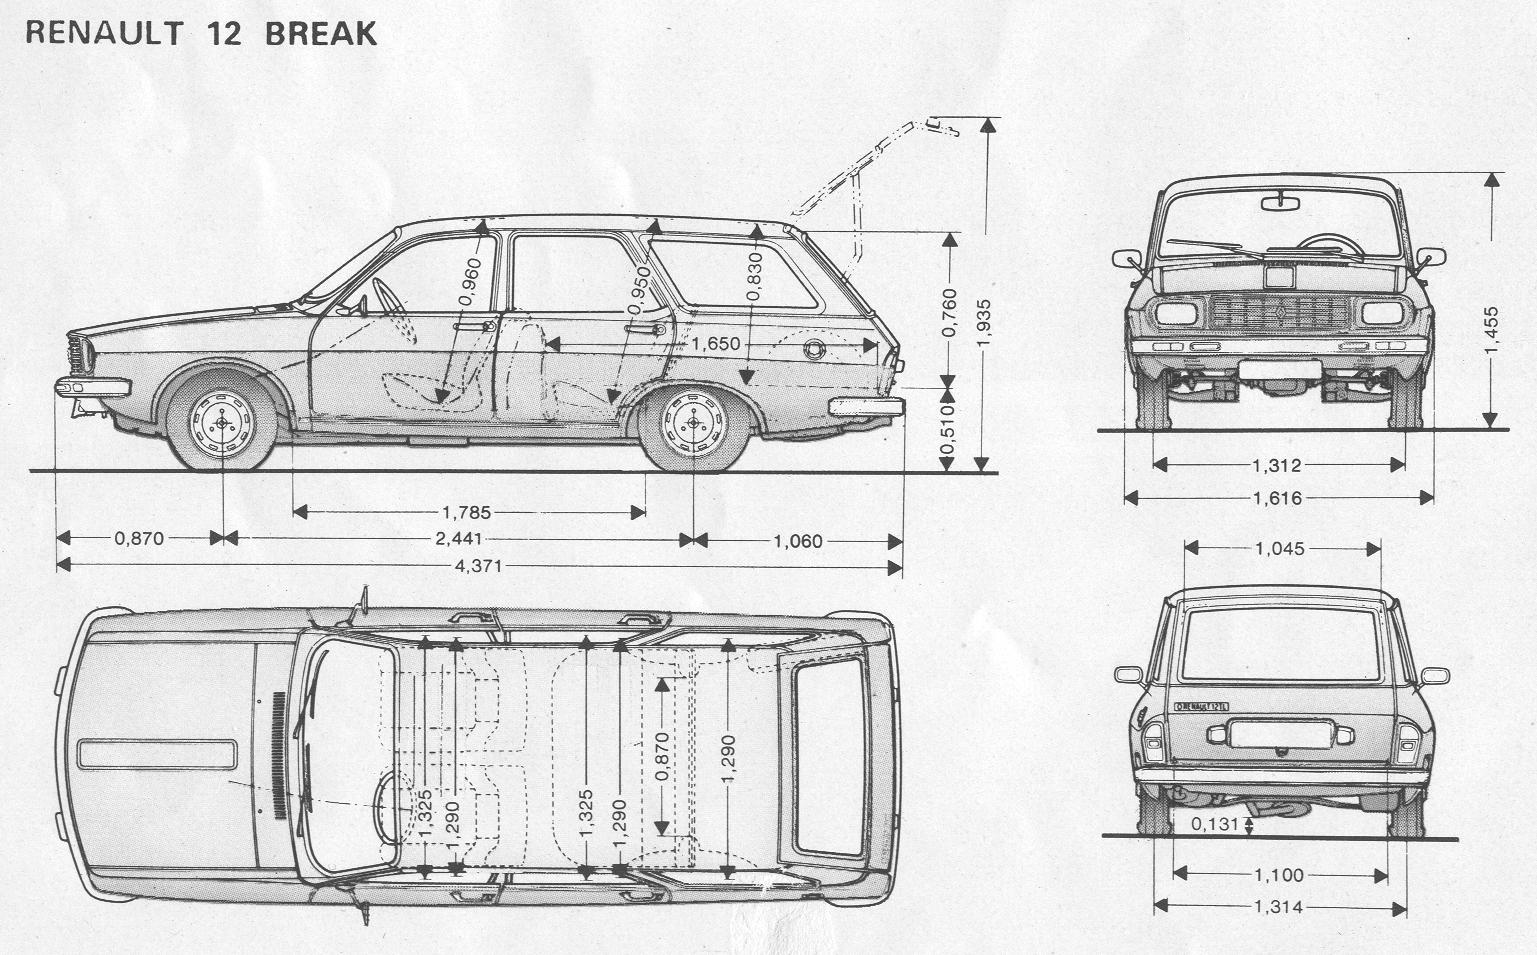 Renault 12 blueprint download free blueprint for 3d modeling for Free 3d blueprints